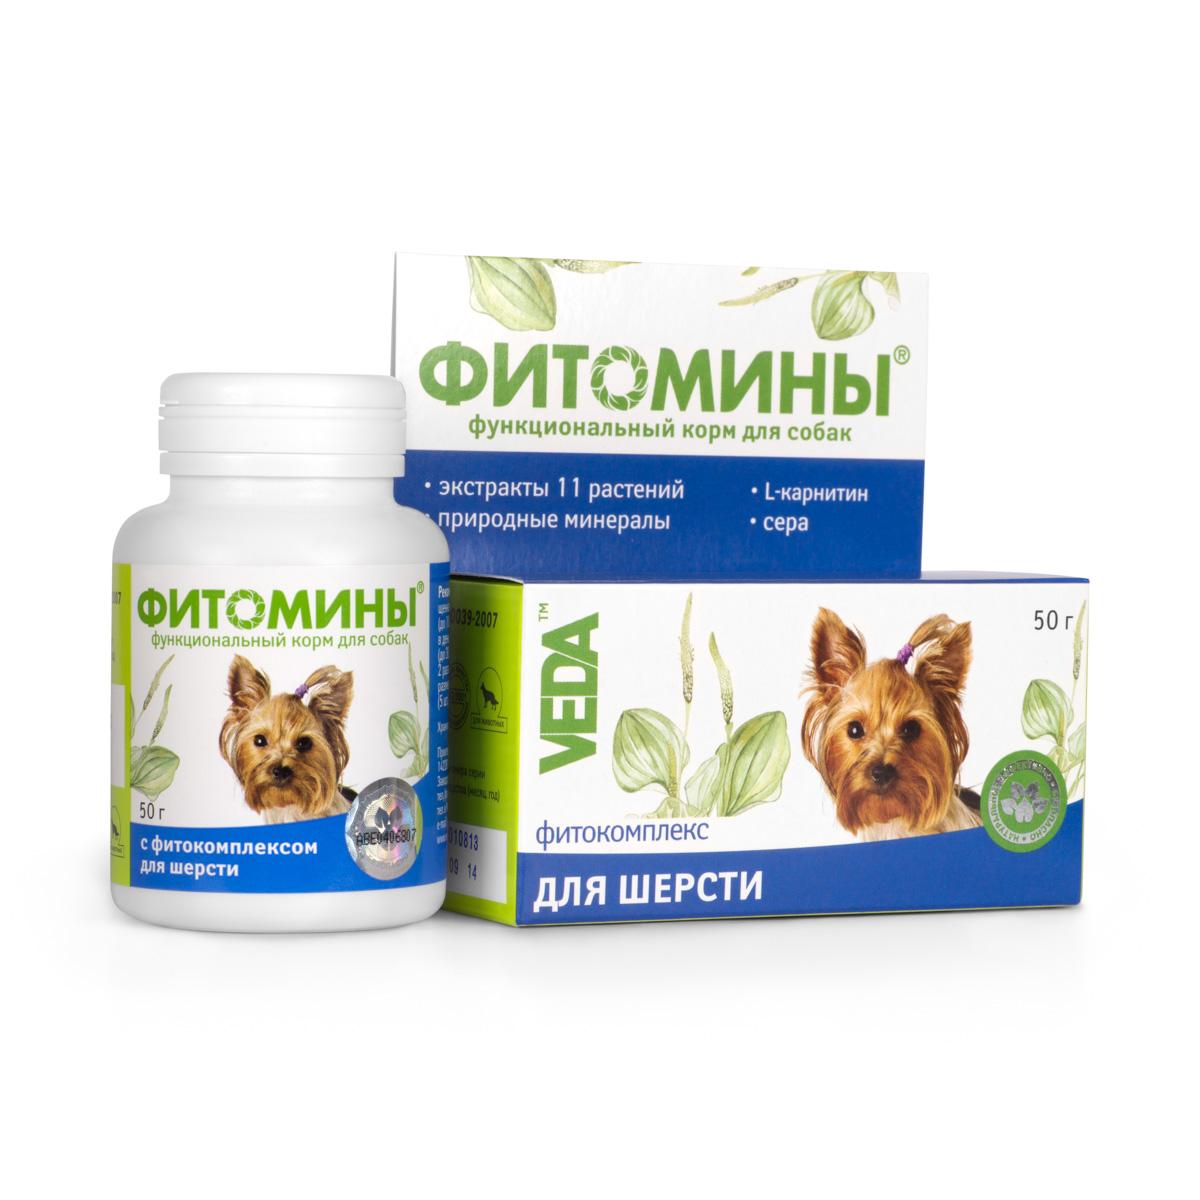 Корм для собак VEDA Фитомины, функциональный, с фитокомплексом, для шерсти, 50 г0120710Функциональный корм для собак VEDA Фитомины с фитокомплексом способствует оздоровлению шерстного покрова, восстановлению красивого внешнего вида.Рекомендуется включать в рацион:- при выпадении шерсти, аллопециях (облысении), внесезонных линьках,- при нездоровом виде шерсти для улучшения её структуры и окраса,- при подготовке животного к выставке.Состав: лактоза; крахмал; дрожжи пивные; фитокомплекс: корней лопуха, листьев крапивы, листьев березы, цветков ромашки, травы чабреца, корневищ аира, травы череды, корней и корневищ солодки, травы подмаренника, листьев подорожника большого, травы тысячелистника; природный минеральный комплекс; паровая мясная мука; стеарат кальция; L-карнитин; сера.100 г продукта содержится (не менее): углеводы - 90 г; жиры - 0,1 г; белки - 4,0 г; кальций - 600 мг; фосфор - 360 мг; железо - 15,0 мг; цинк - 4 мг; марганец - 0,1 мг; медь - 0,3 мг; L- карнитин - 0,5 г; сера - 0,1 г.Энергетическая ценность в 100 г: 380 ккал.Товар сертифицирован.